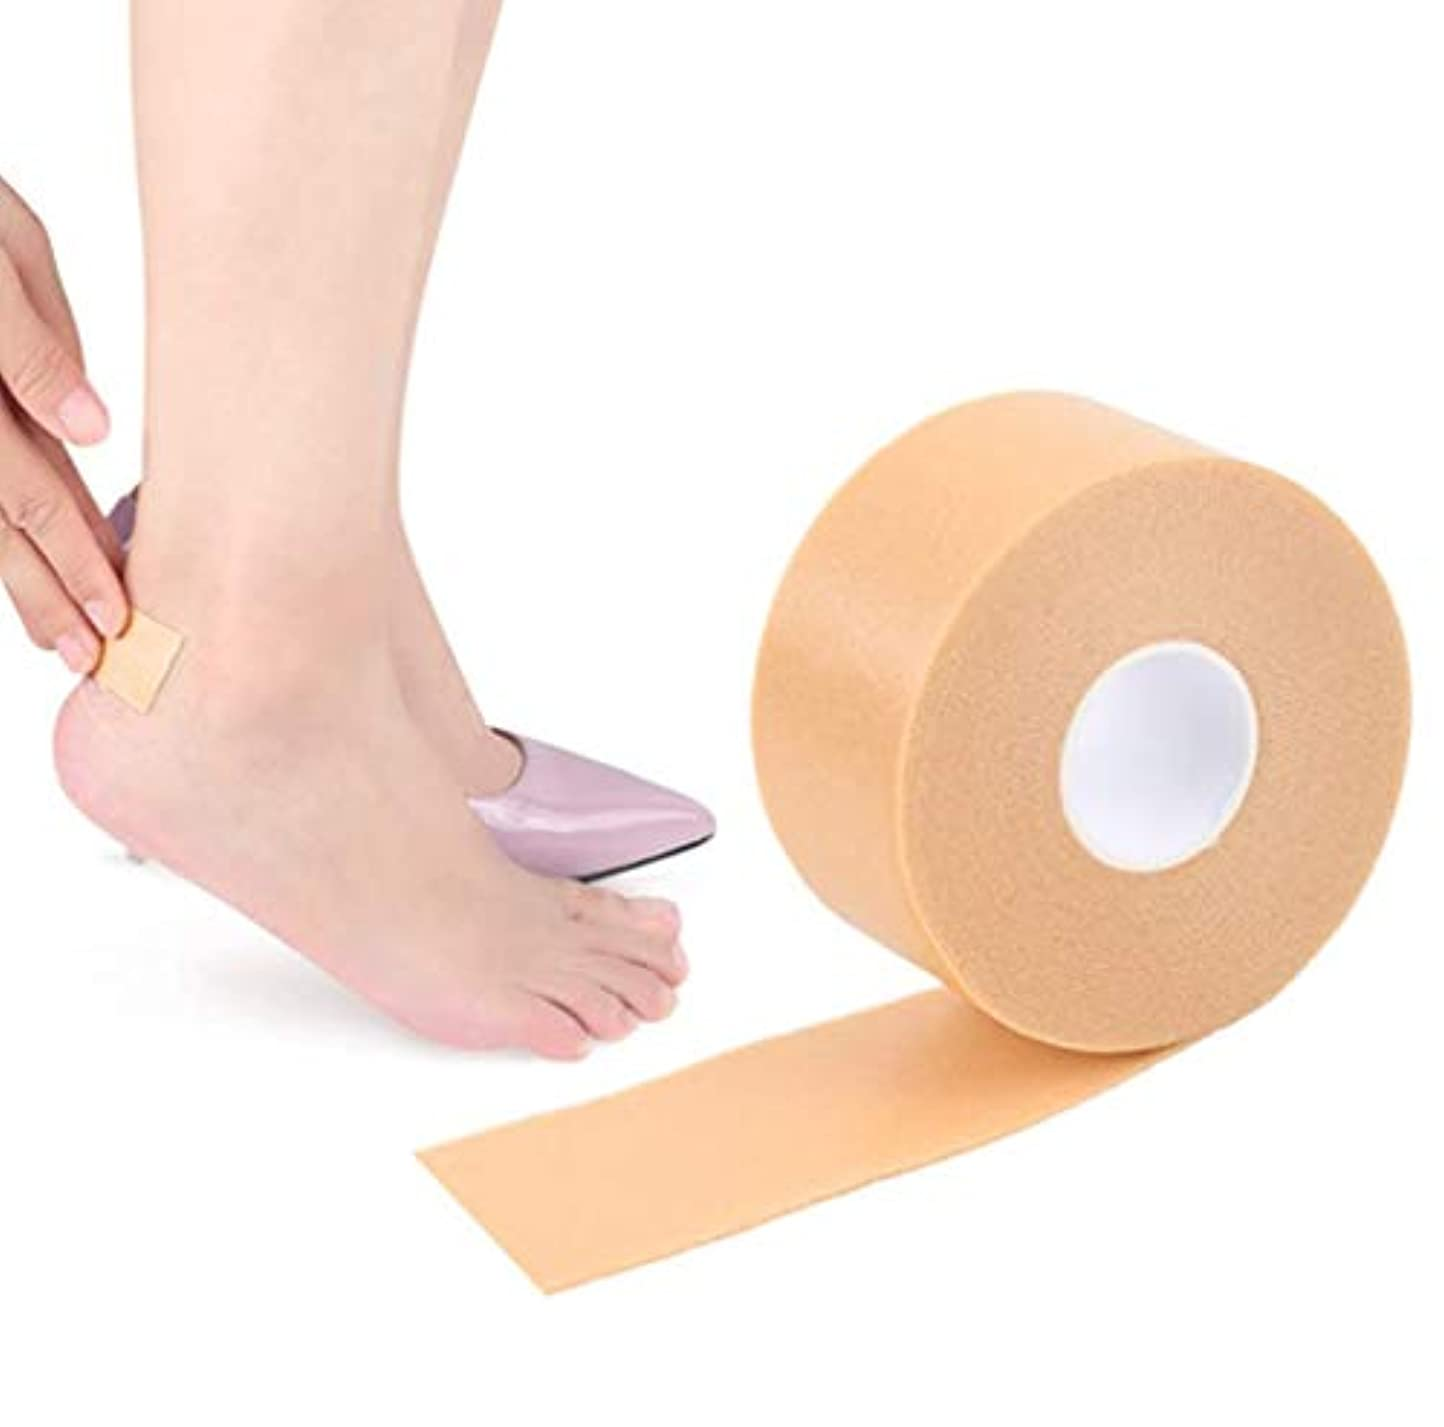 アニメーション砂置換足用保護パッド 足痛み軽減 靴ずれ予防テープ 靴擦れ防止 靴ズレ防止 かかと パッド フットヒールステッカーテープ 防水素材 耐摩耗 痛み緩和 滑り止め 粘着 かかとパッド テープ 通気 男女兼用 (1個入り)